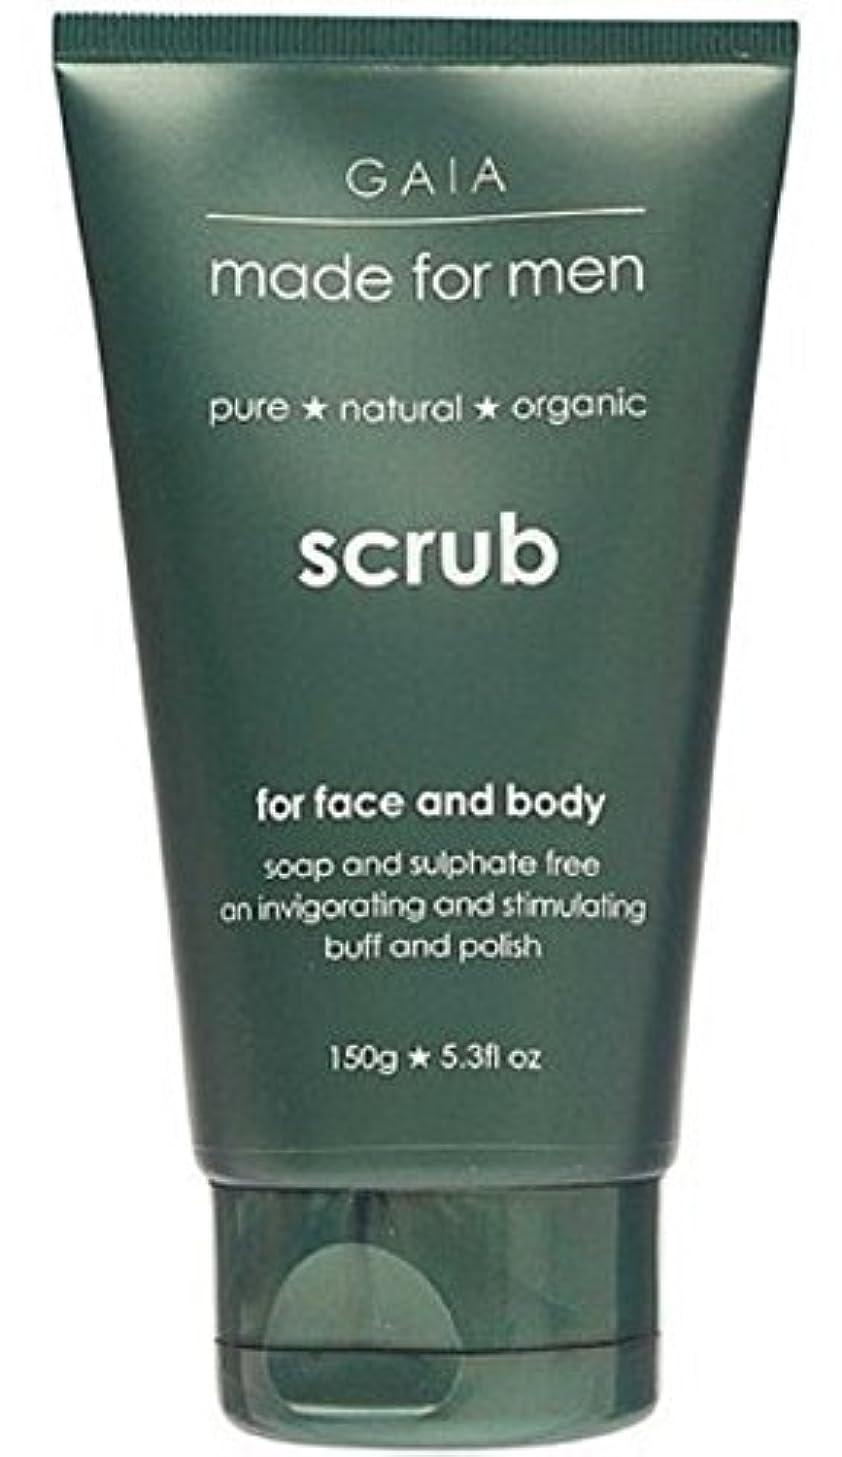 恐怖症下手悪意のある【GAIA】Face & Body Scrub made for men ガイア メンズ フェイス&ボディスクラブ 150g